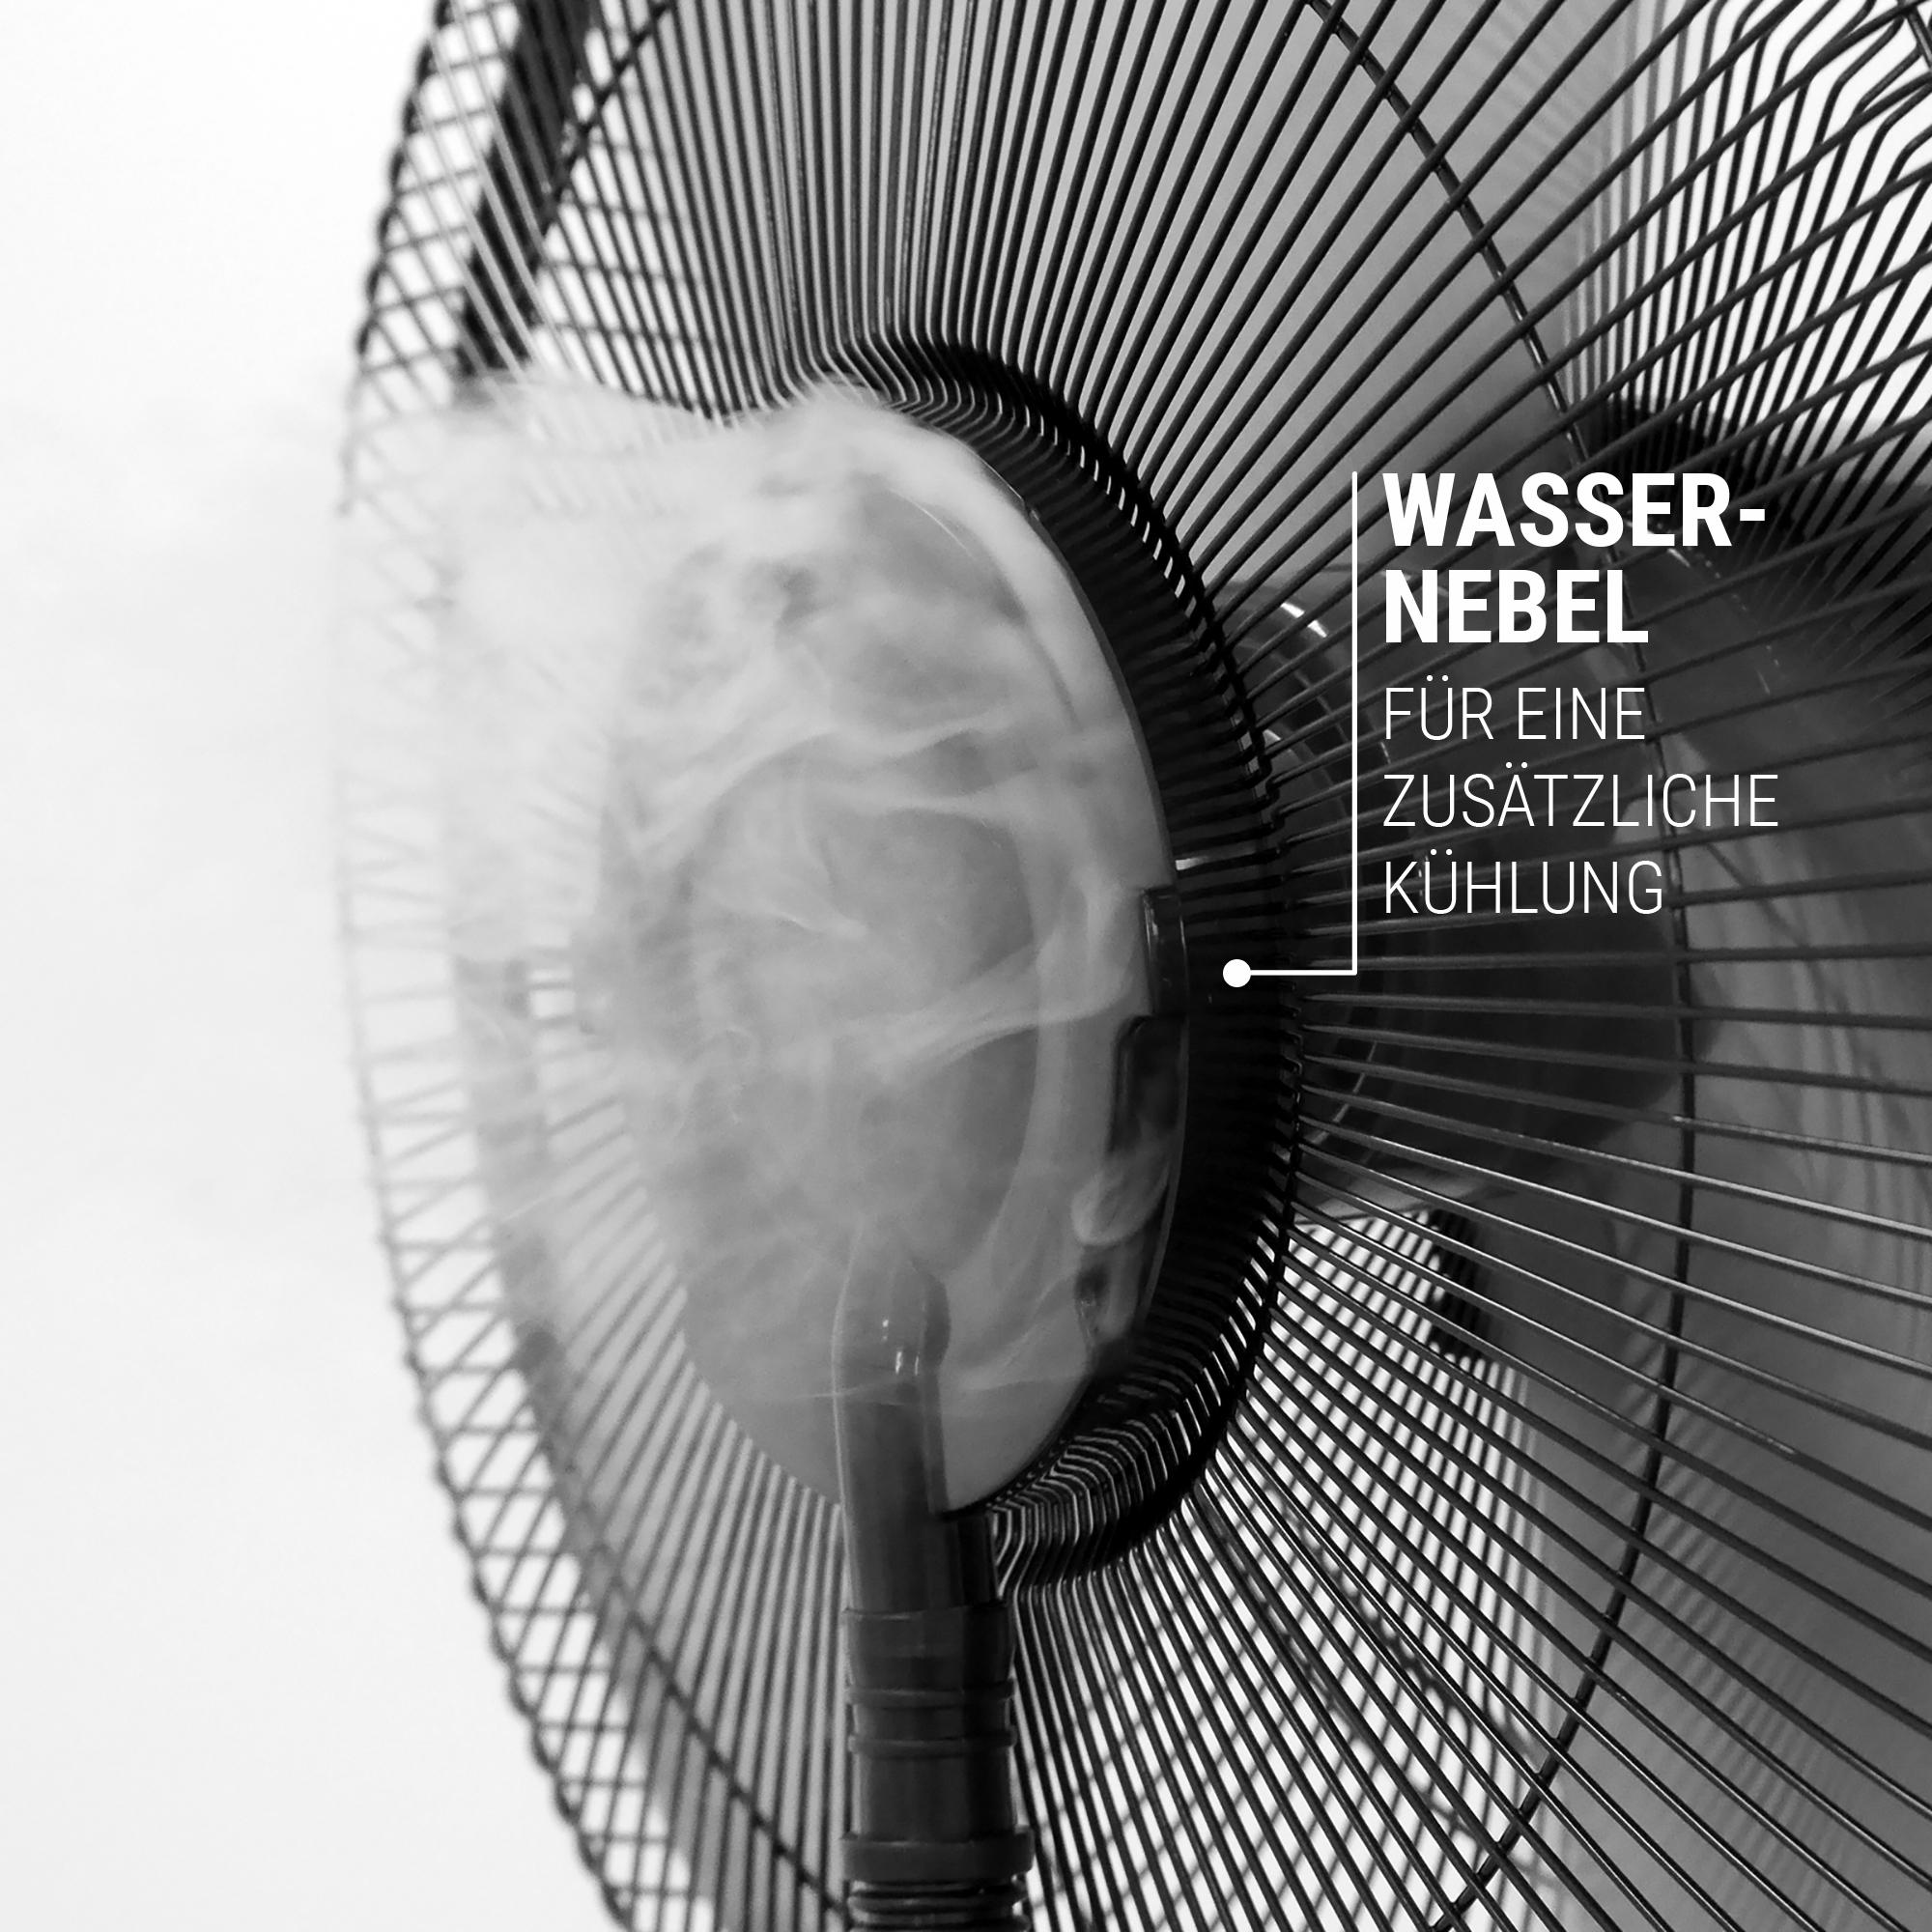 Ventilator mit Wasserkühlung Ultraschall Sprühnebel, extra-leise